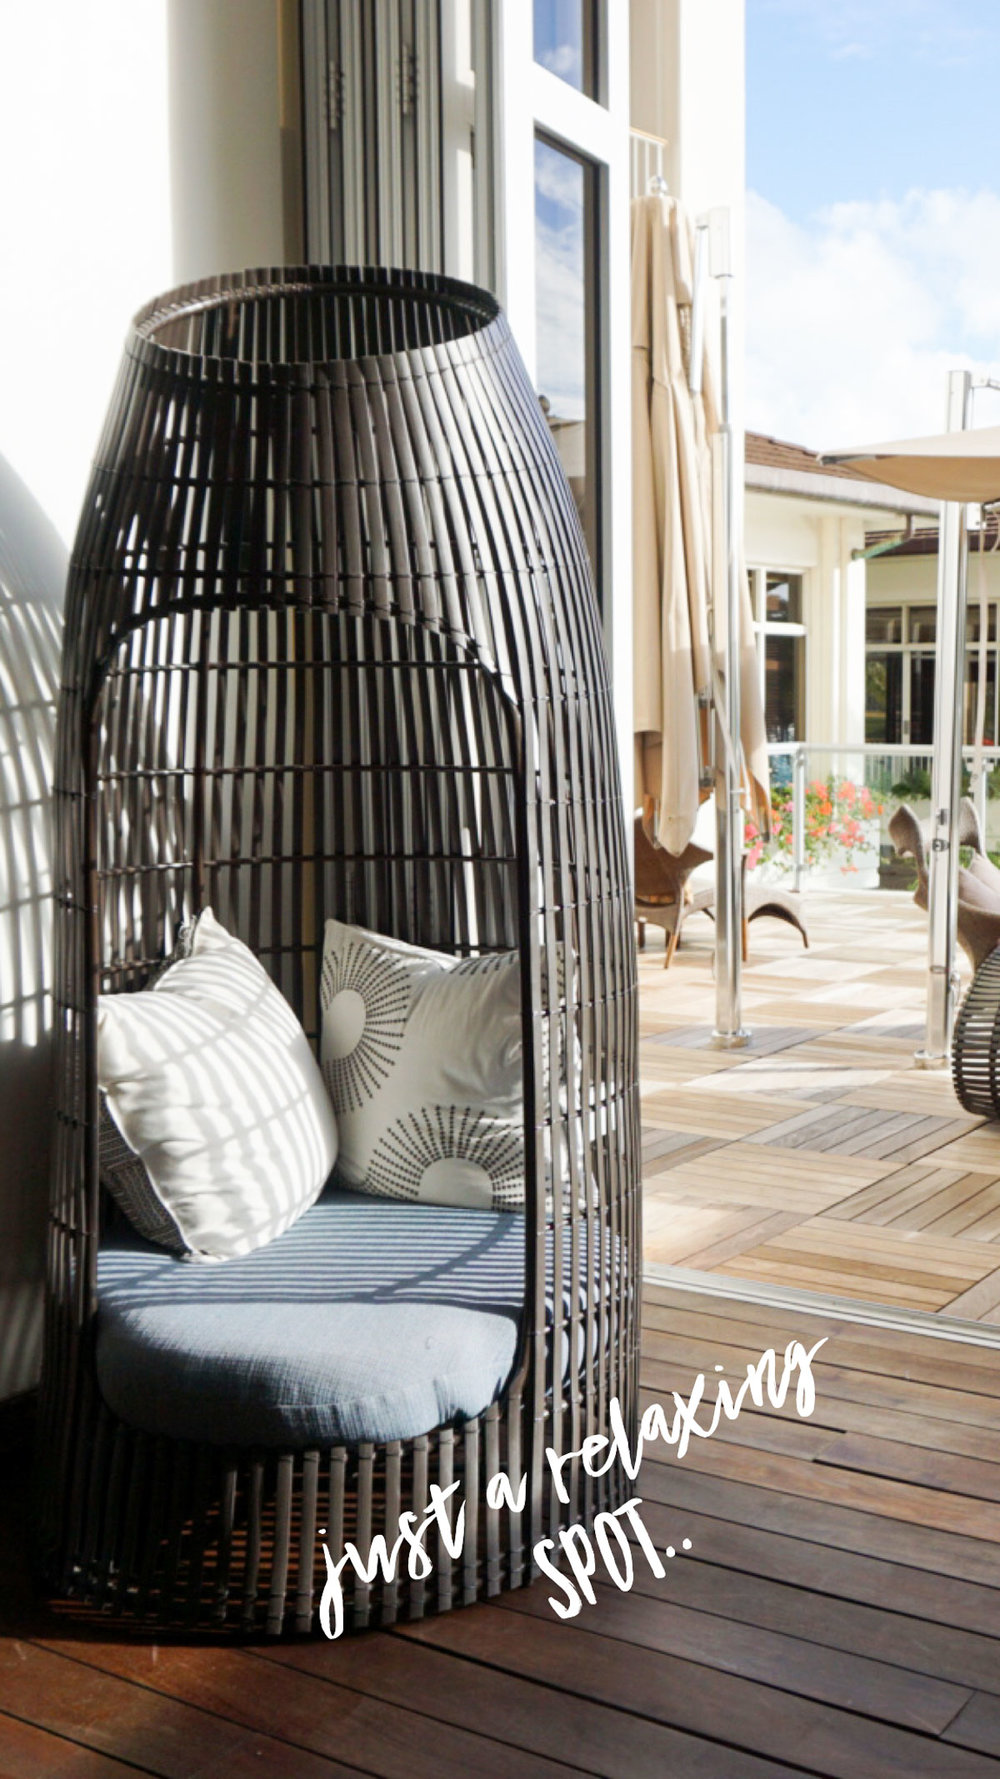 Best Hotel Oahu_Four Seasons Oahu_Addie Bell-5093.jpg